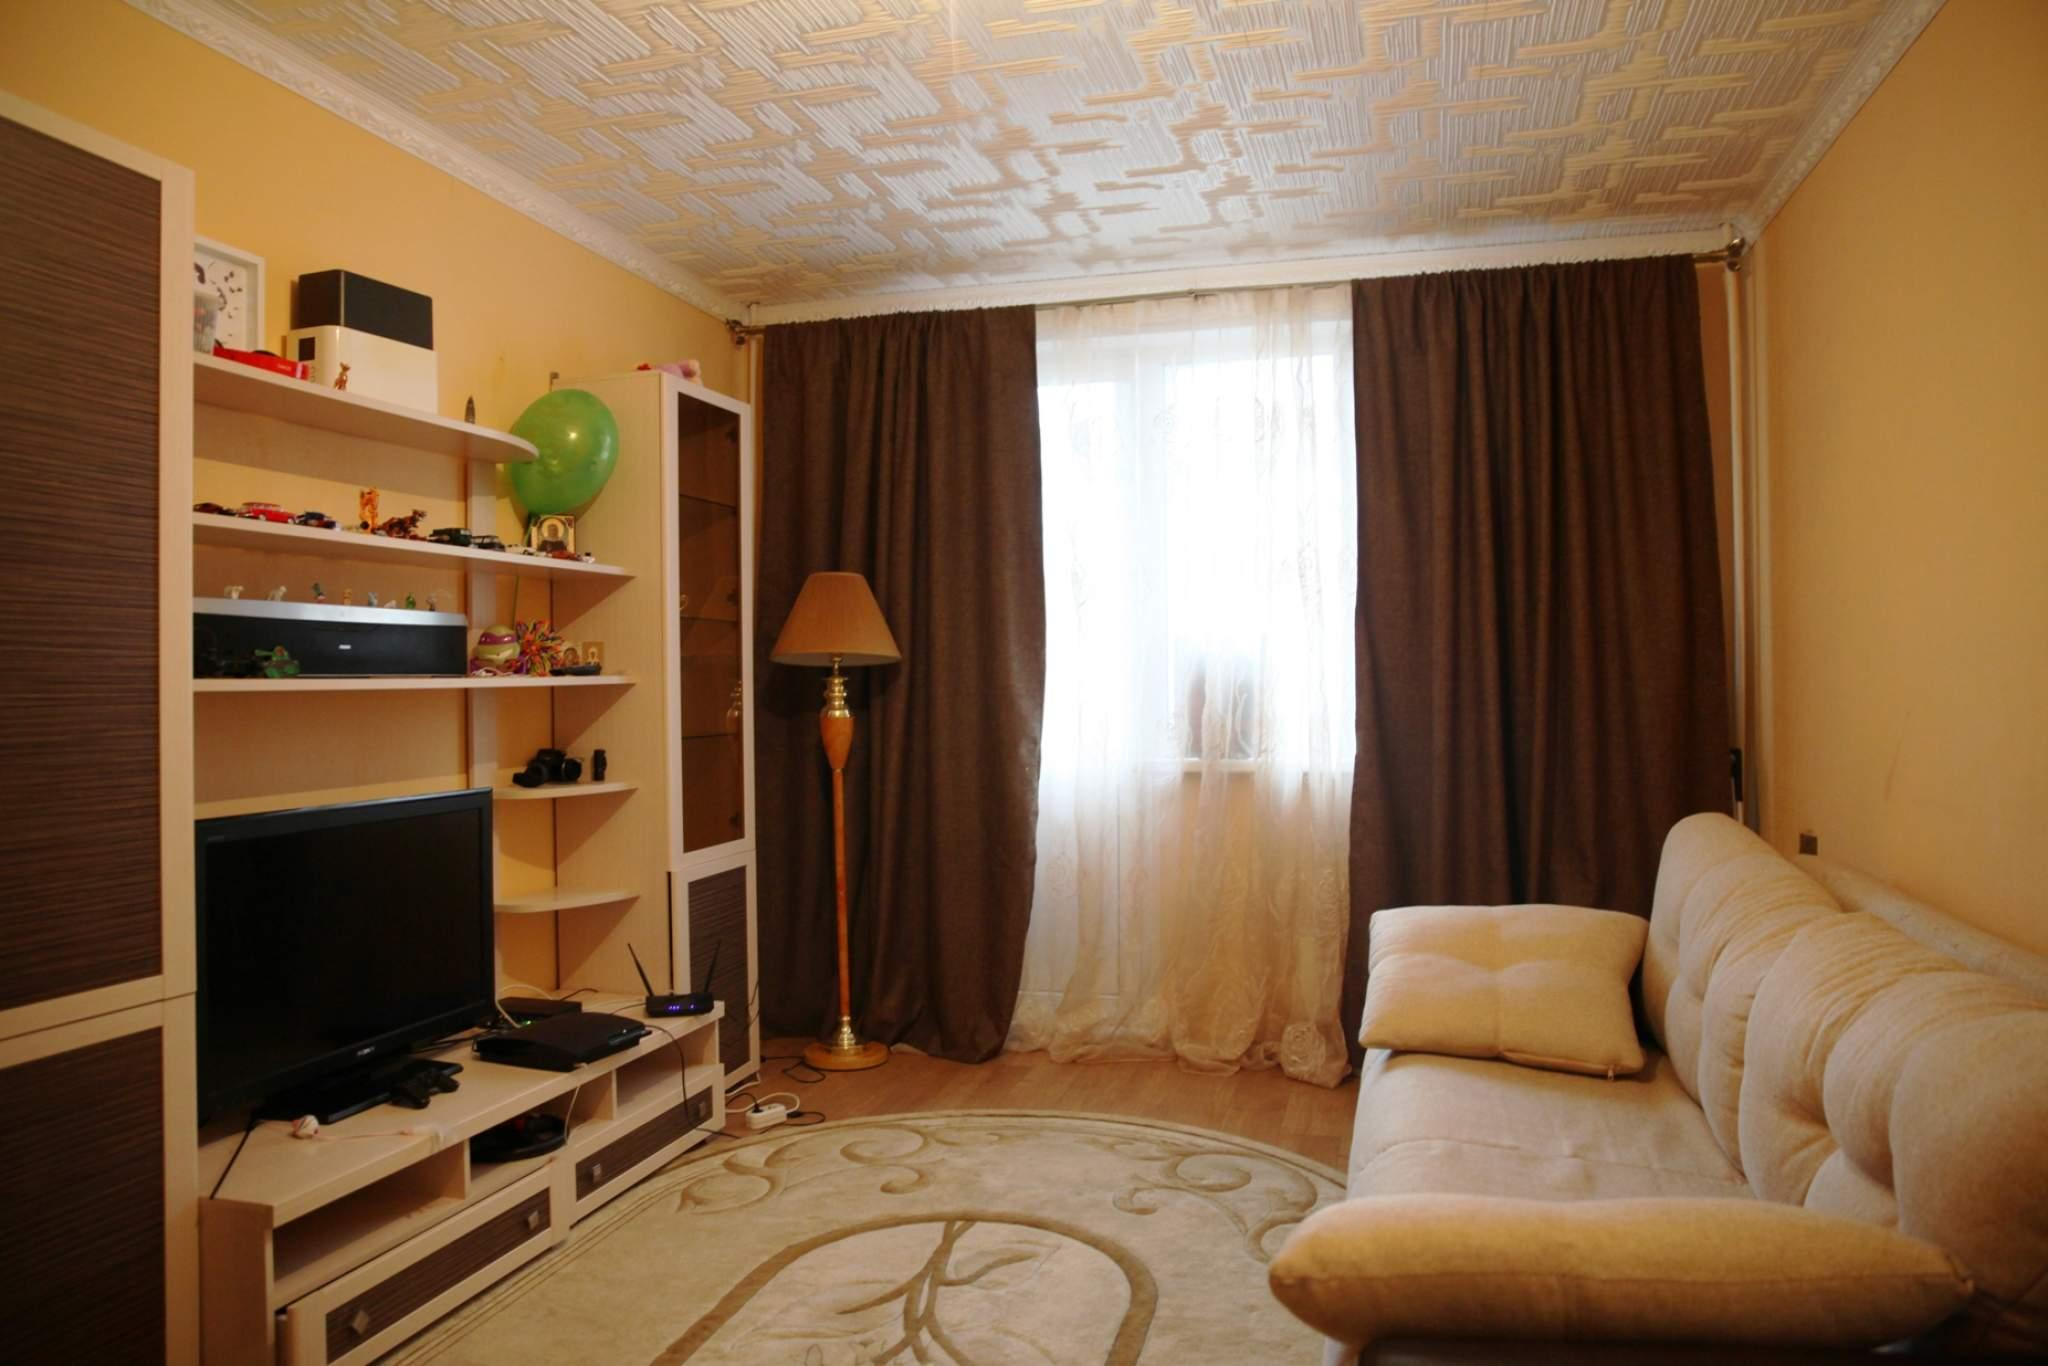 Стамбуле 4 х комнатная квартира снять цена